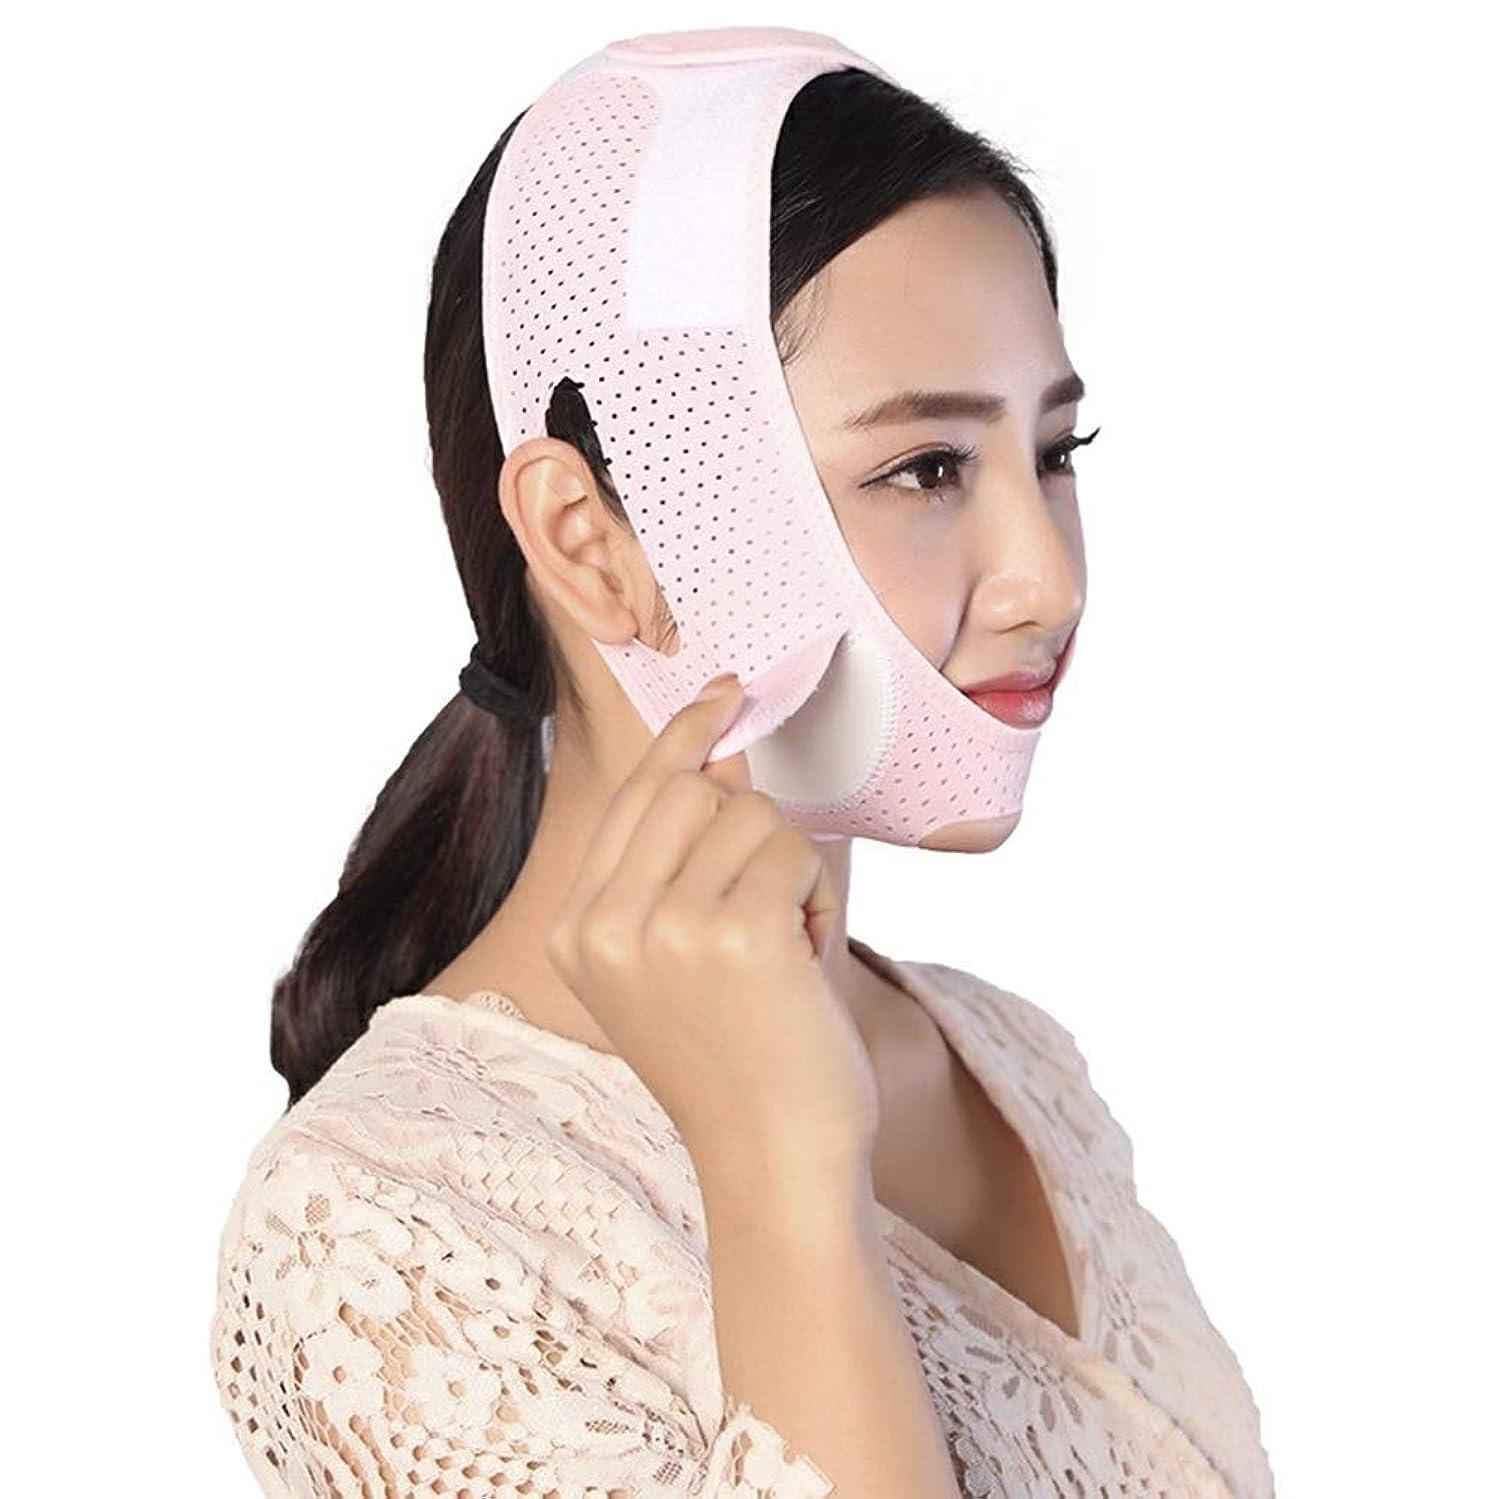 アドバイスカウントアップベーリング海峡Jia Jia- フェイシャルリフティング痩身ベルト - 圧縮二重あご減量ベルトスキンケア薄い顔包帯 顔面包帯